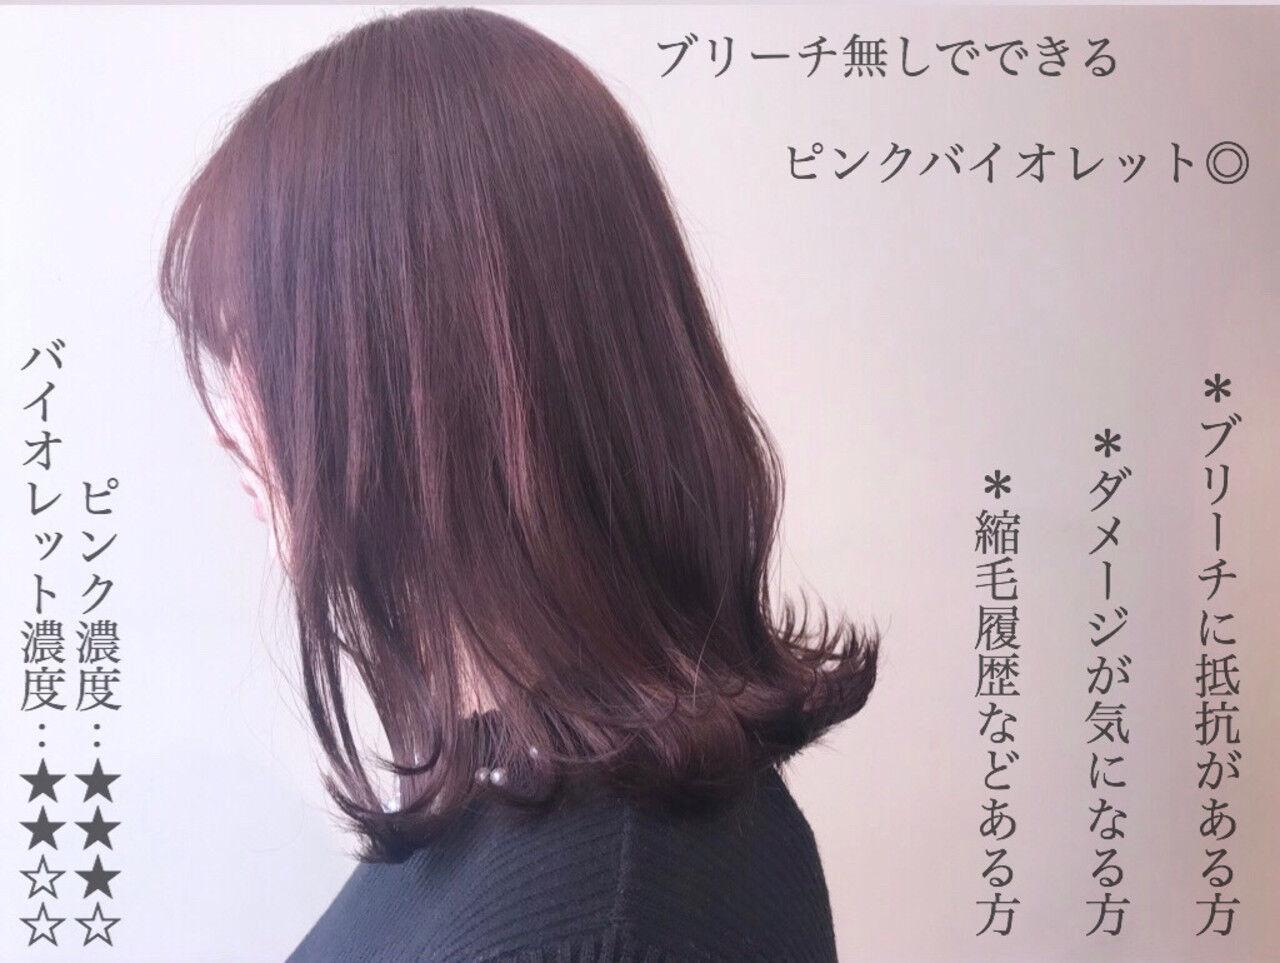 ピンクアッシュ ピンクバイオレット ナチュラル ピンクラベンダーヘアスタイルや髪型の写真・画像